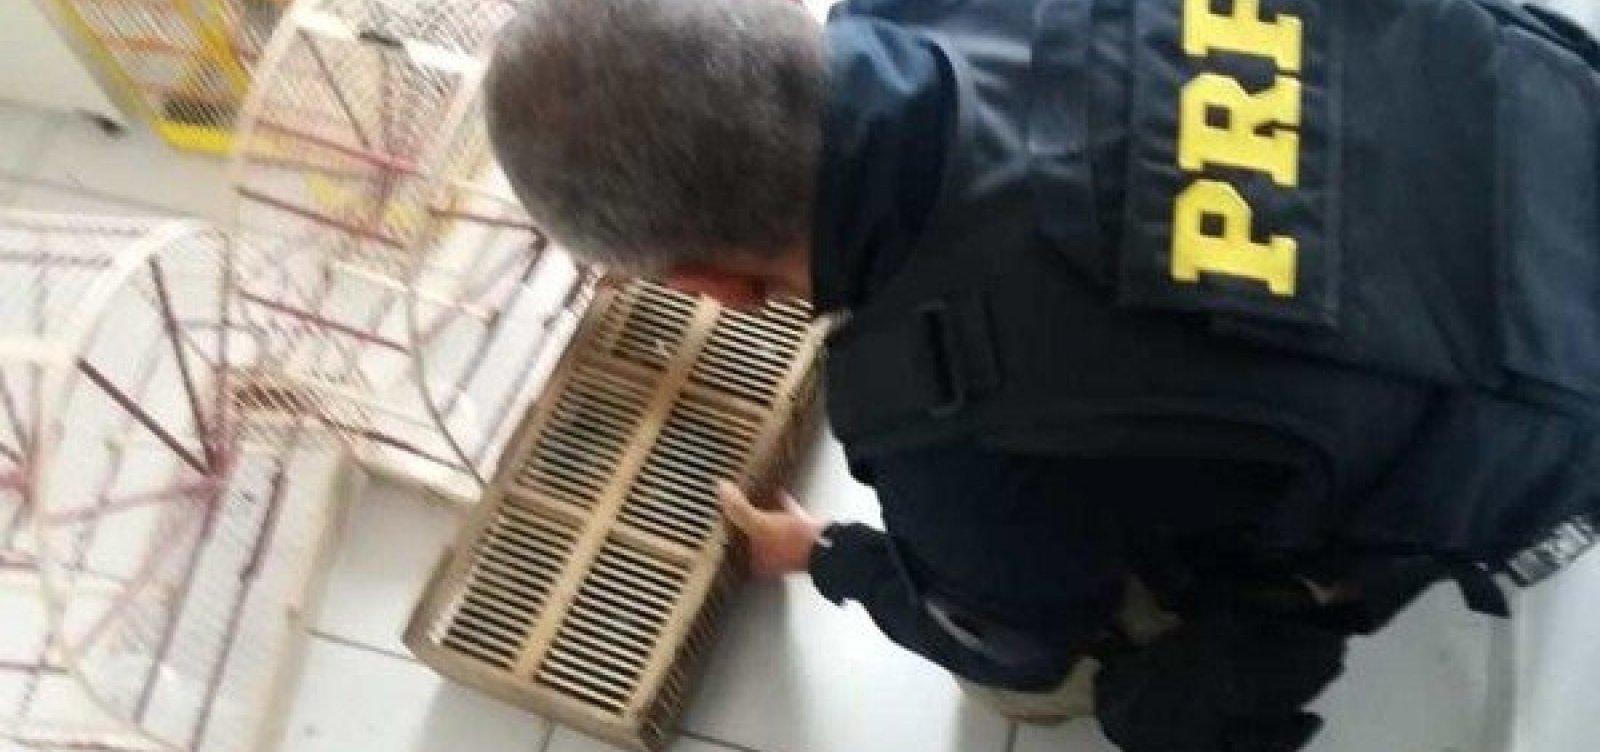 PRF encontra 200 animais silvestres em caixas dentro de veículo no sul da Bahia